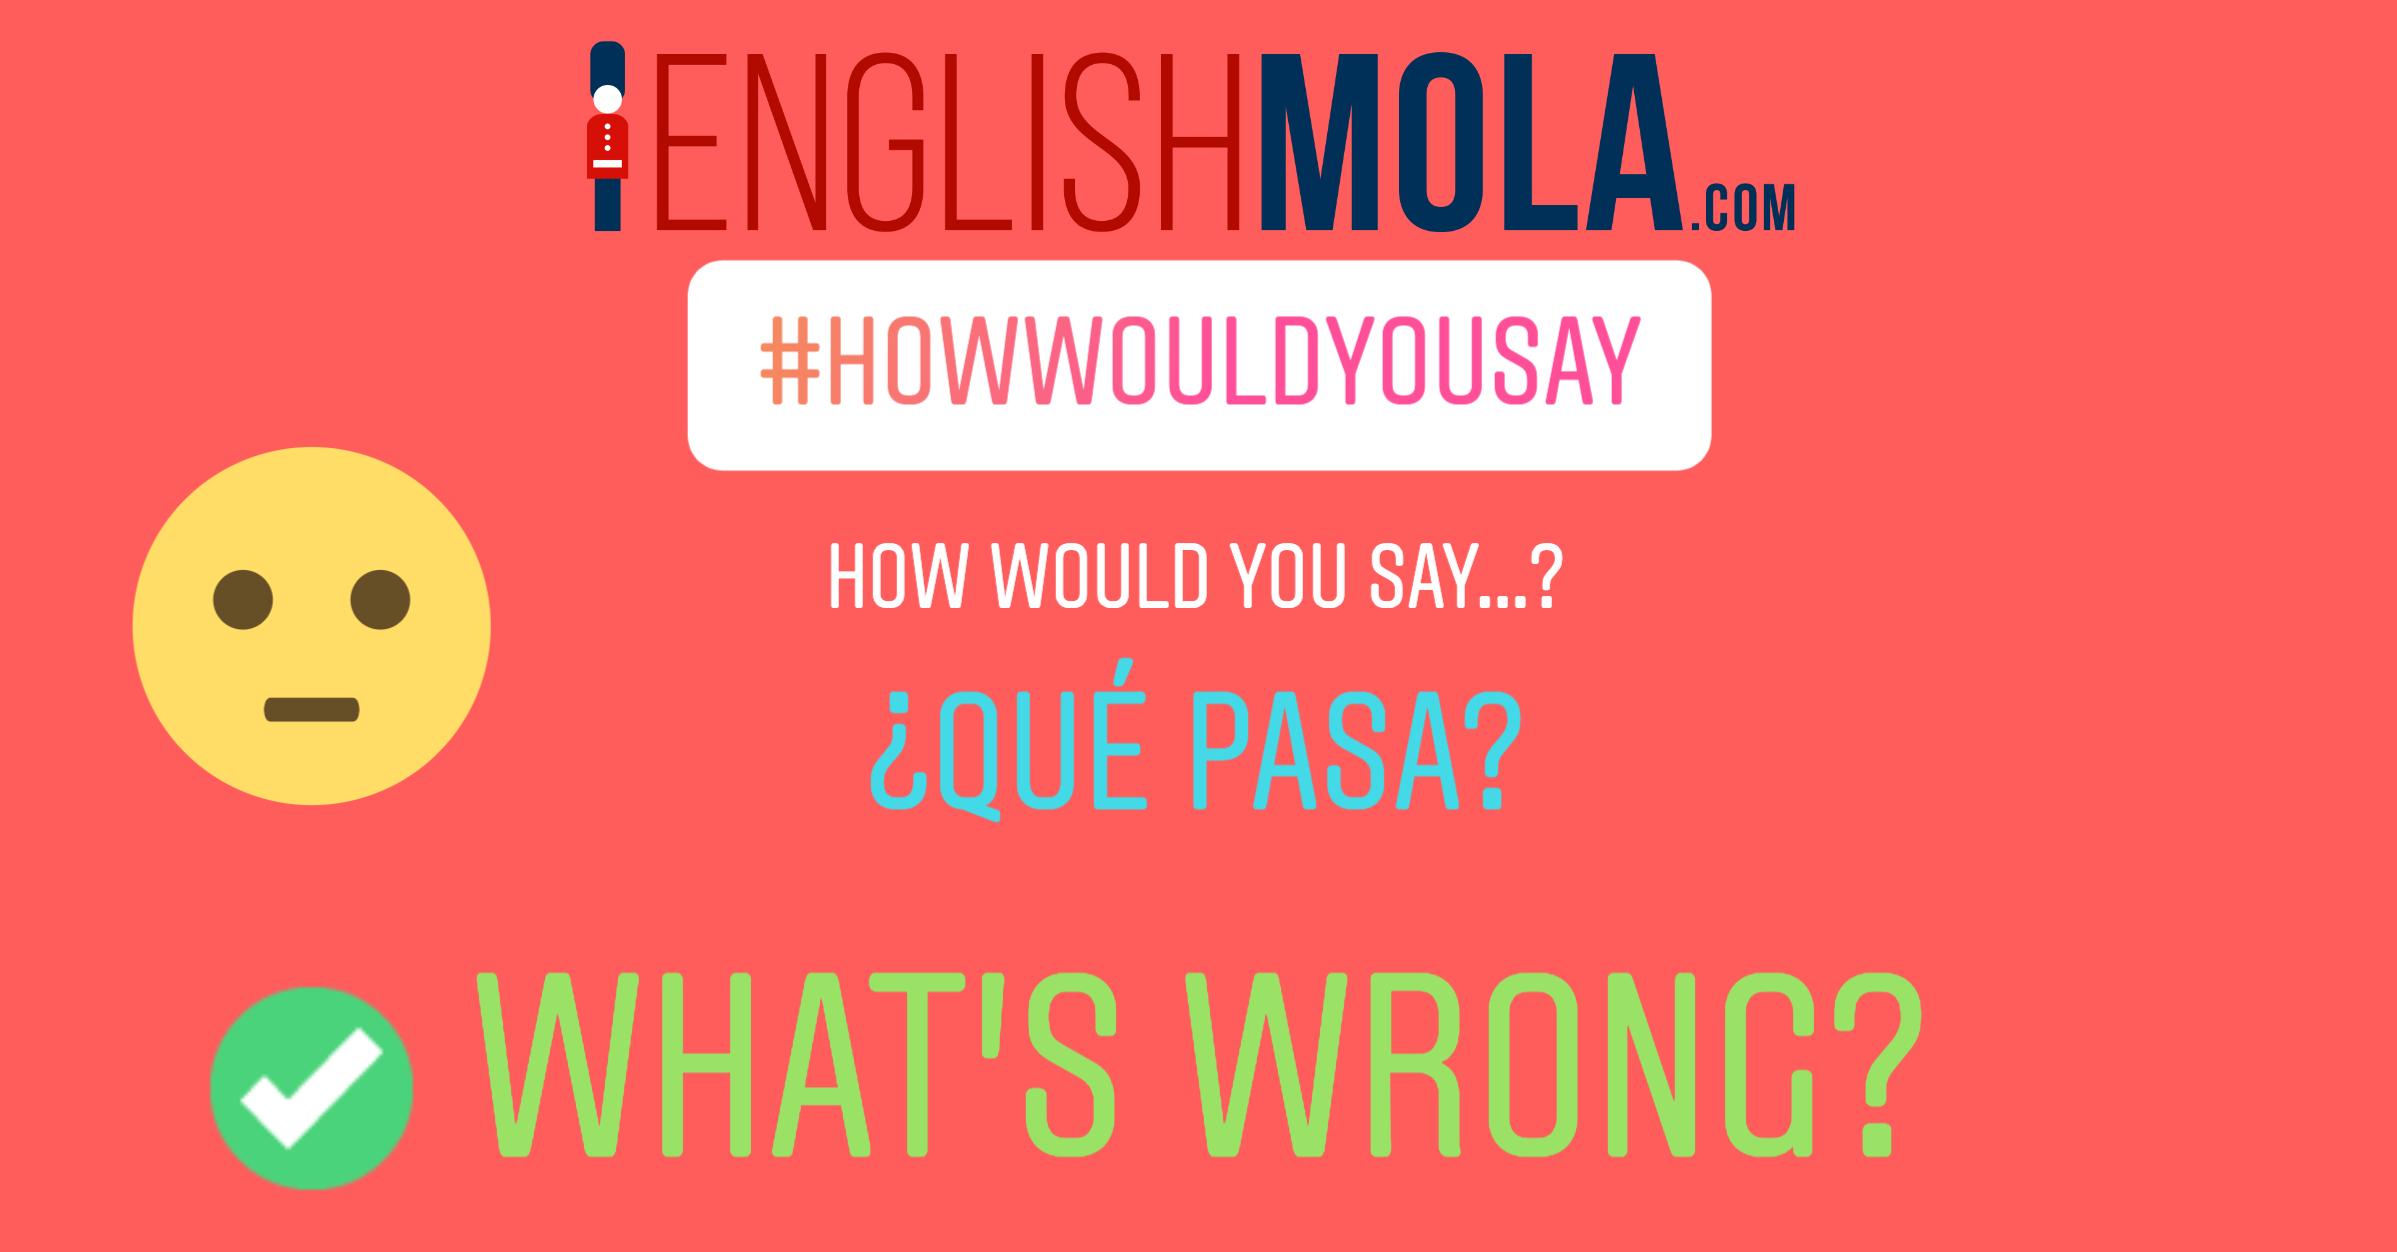 errores comunes en inglés qué pasa en inglés